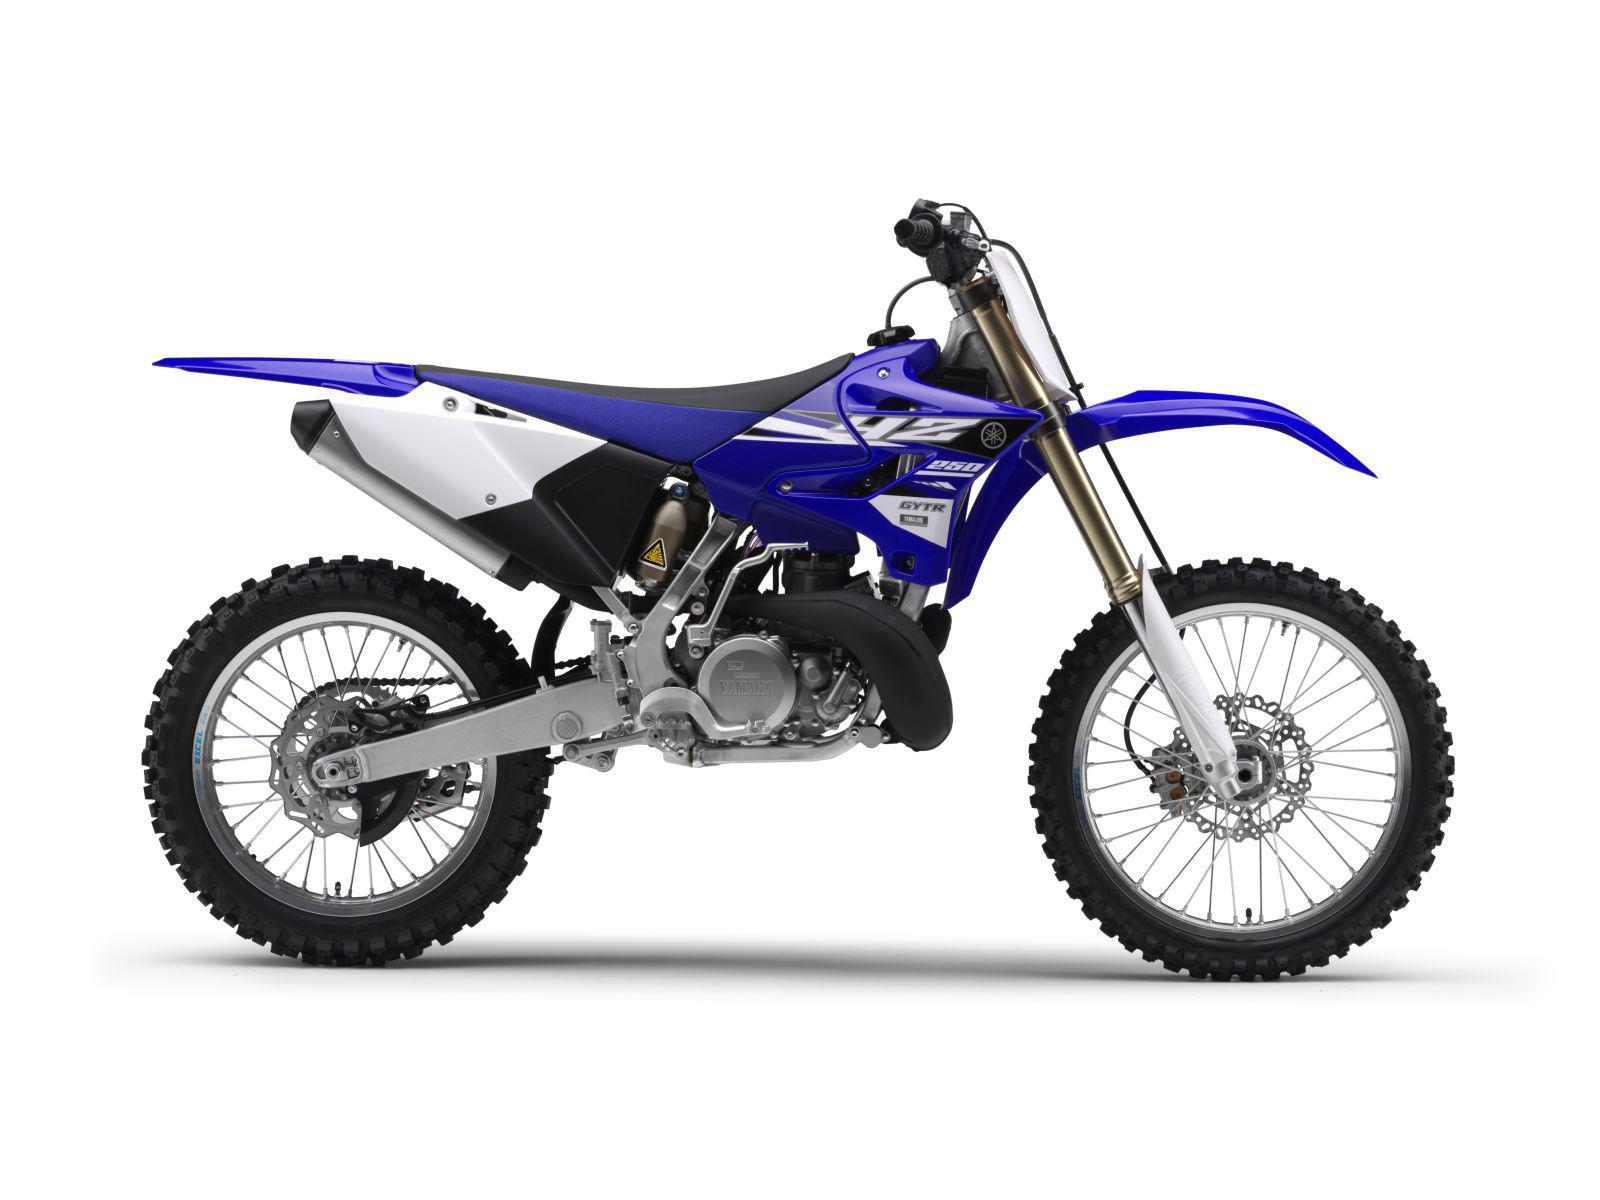 Bilder von 87s Yamaha Motorrad nackt